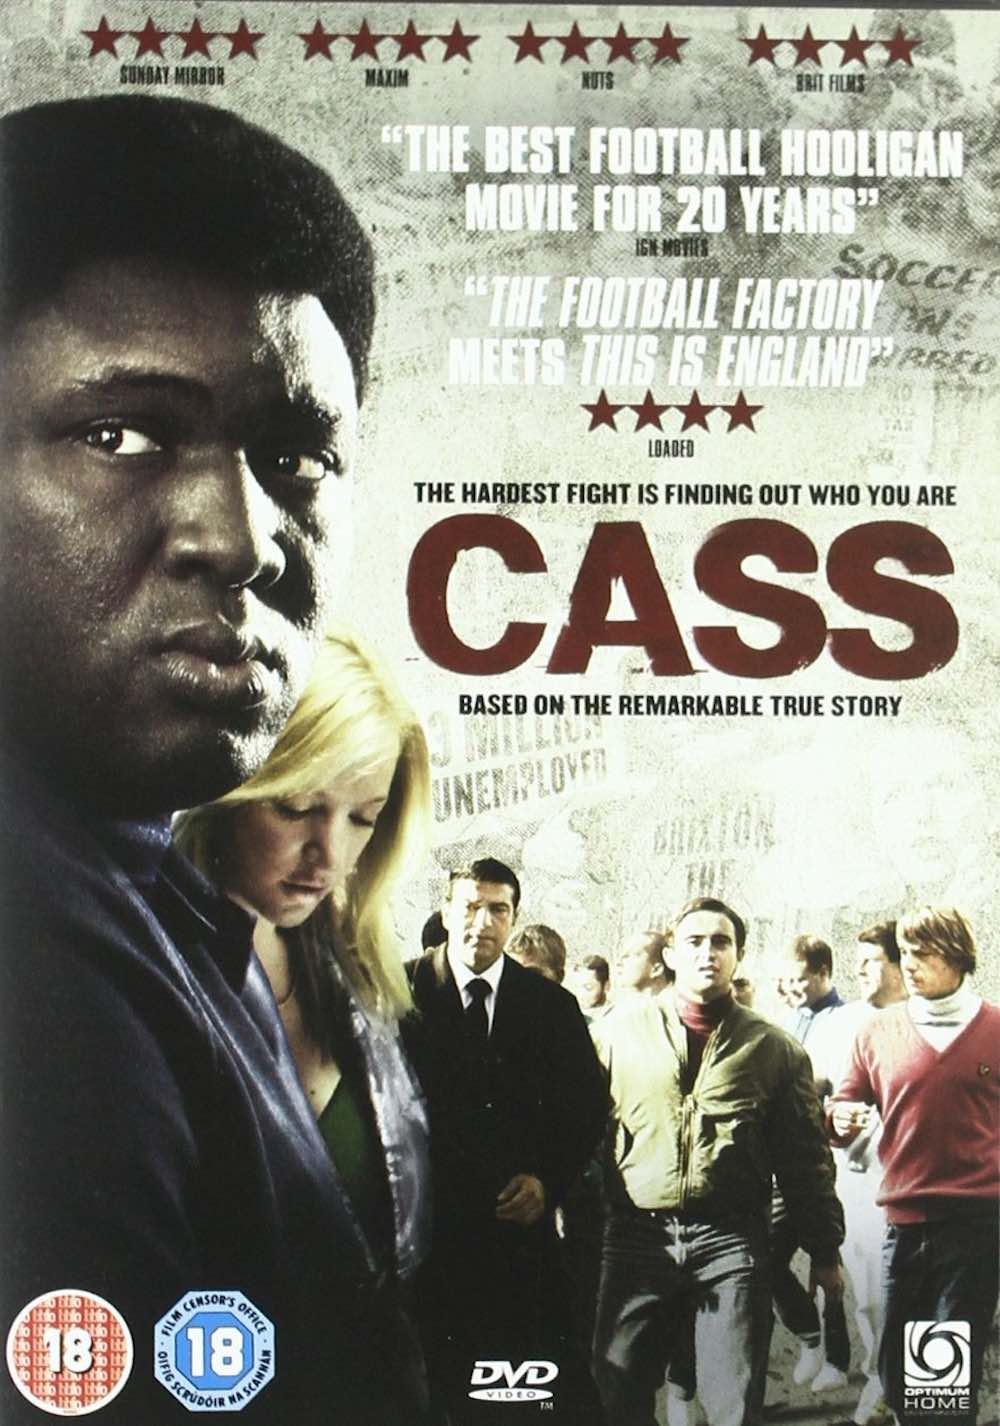 Cass DVD Cover